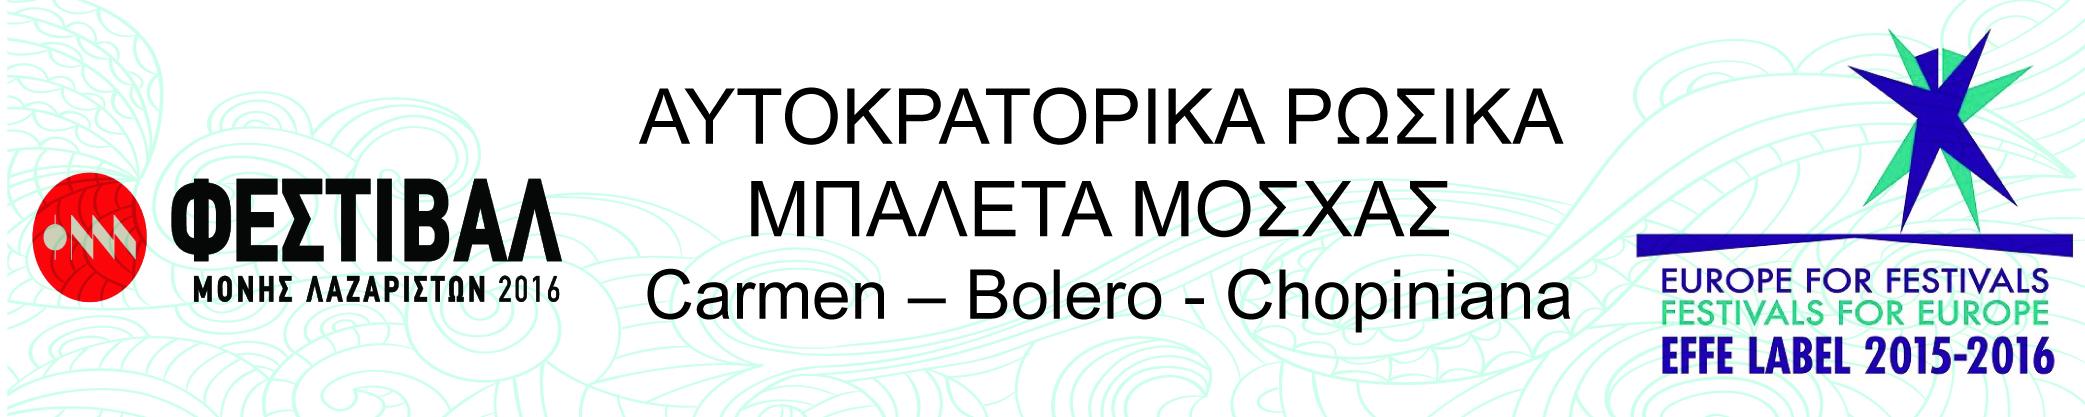 ΑΥΤΟΚΡΑΤΟΡΙΚΑ ΡΩΣΙΚΑ ΜΠΑΛΕΤΑ ΜΟΣΧΑΣ - Carmen – Bolero - Chopiniana